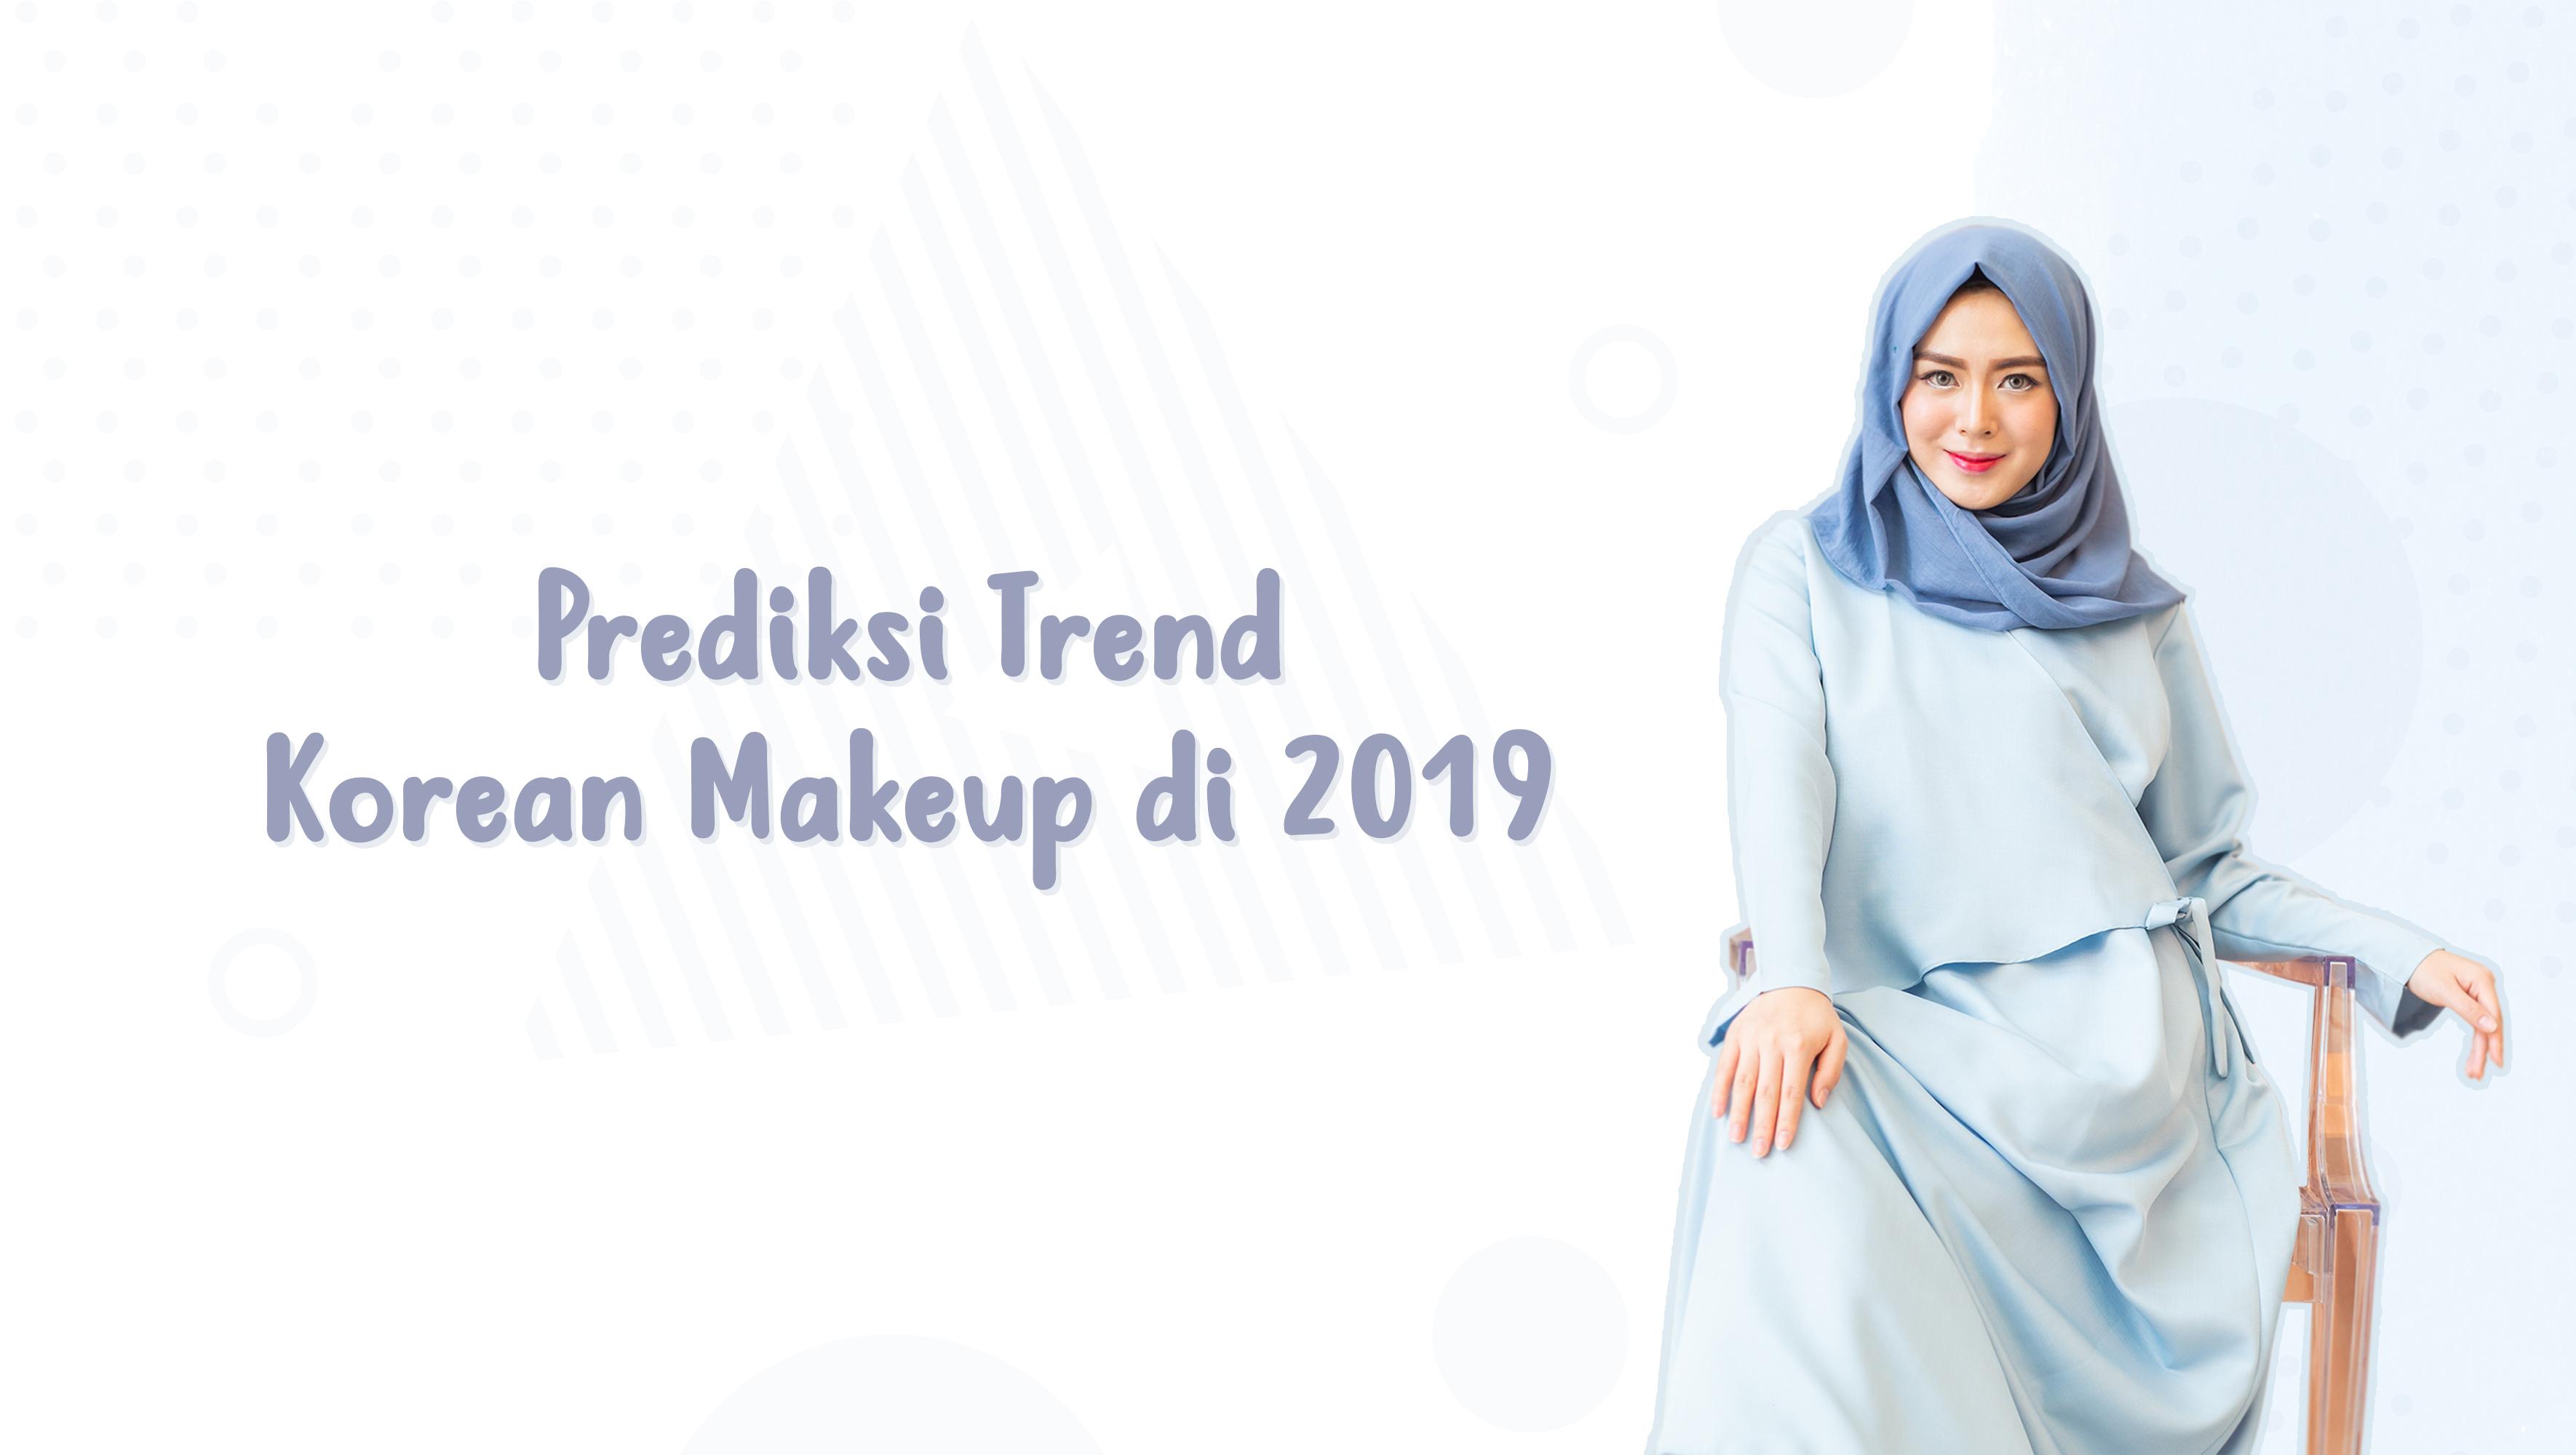 Prediksi Tren Korean Makeup 2019 image